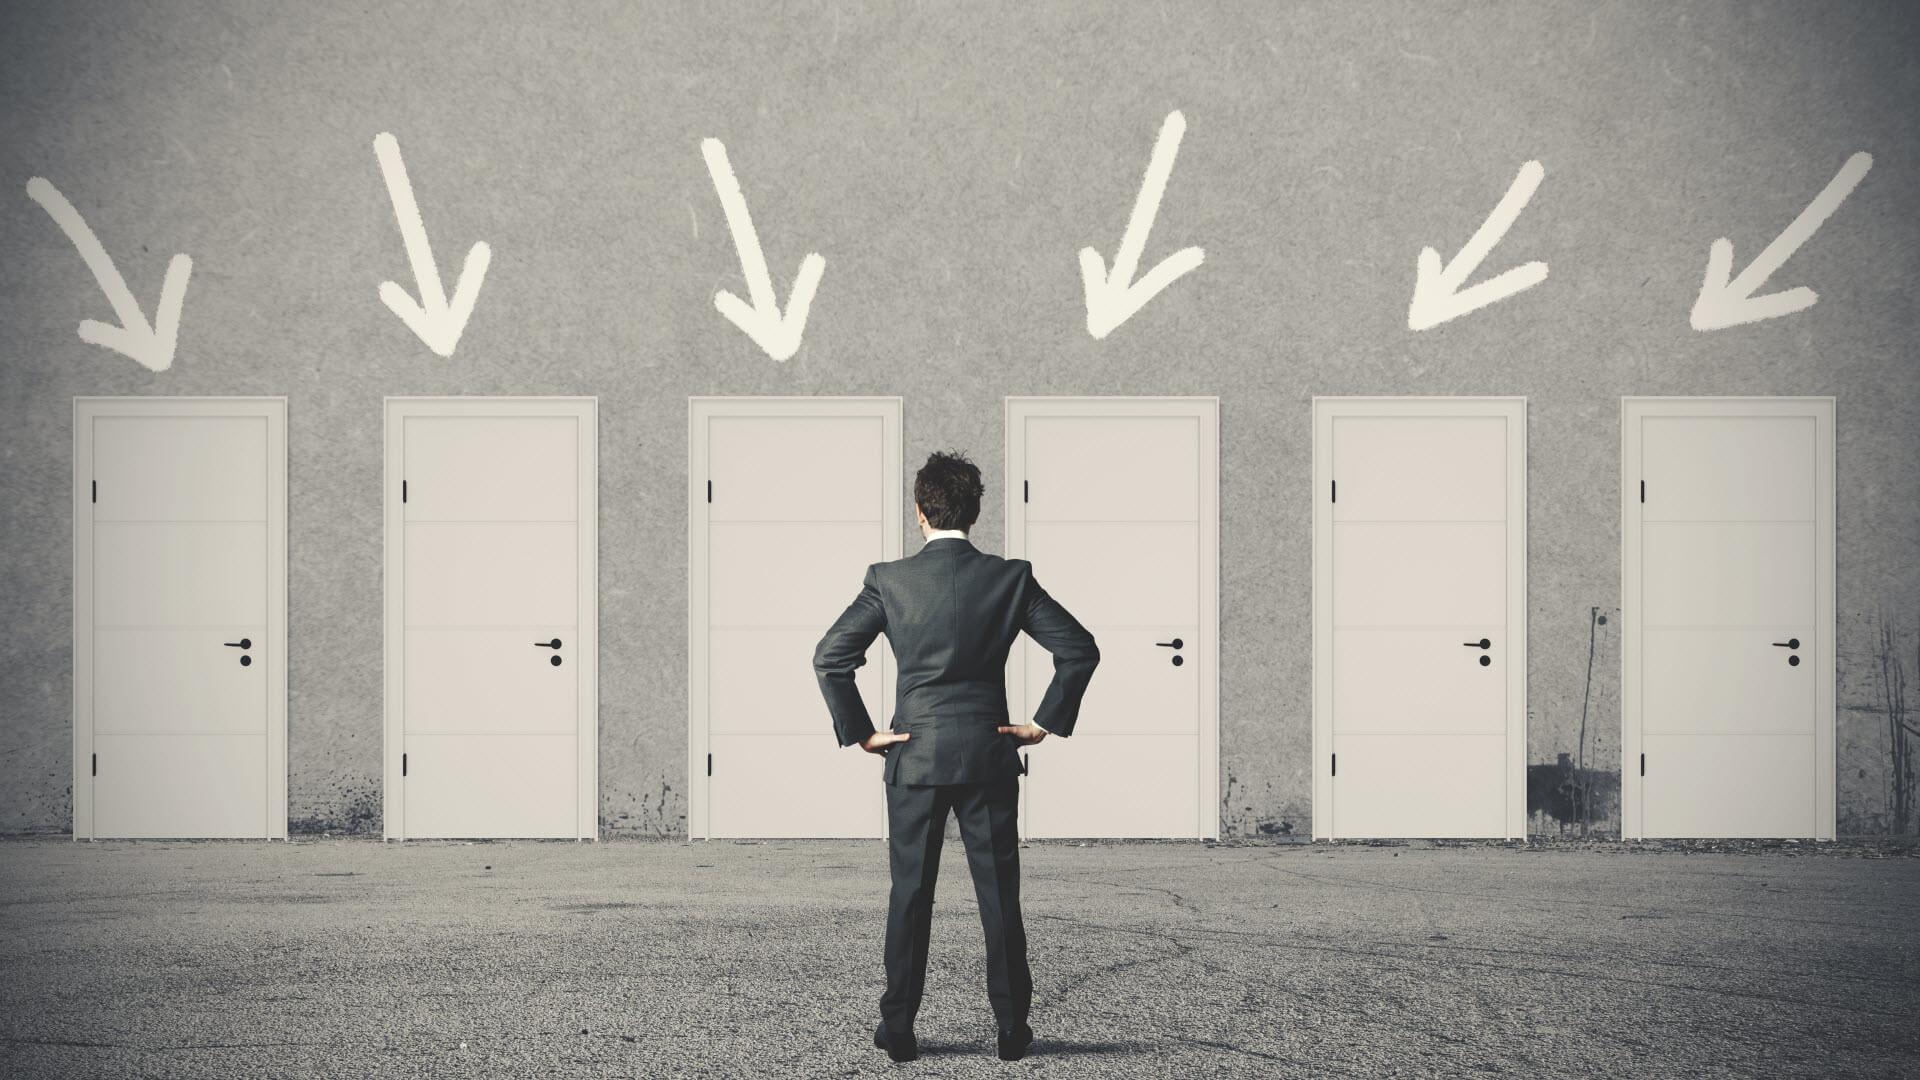 هیچوقت تصمیم اشتباهی در کار یا حرفهمان نگیریم